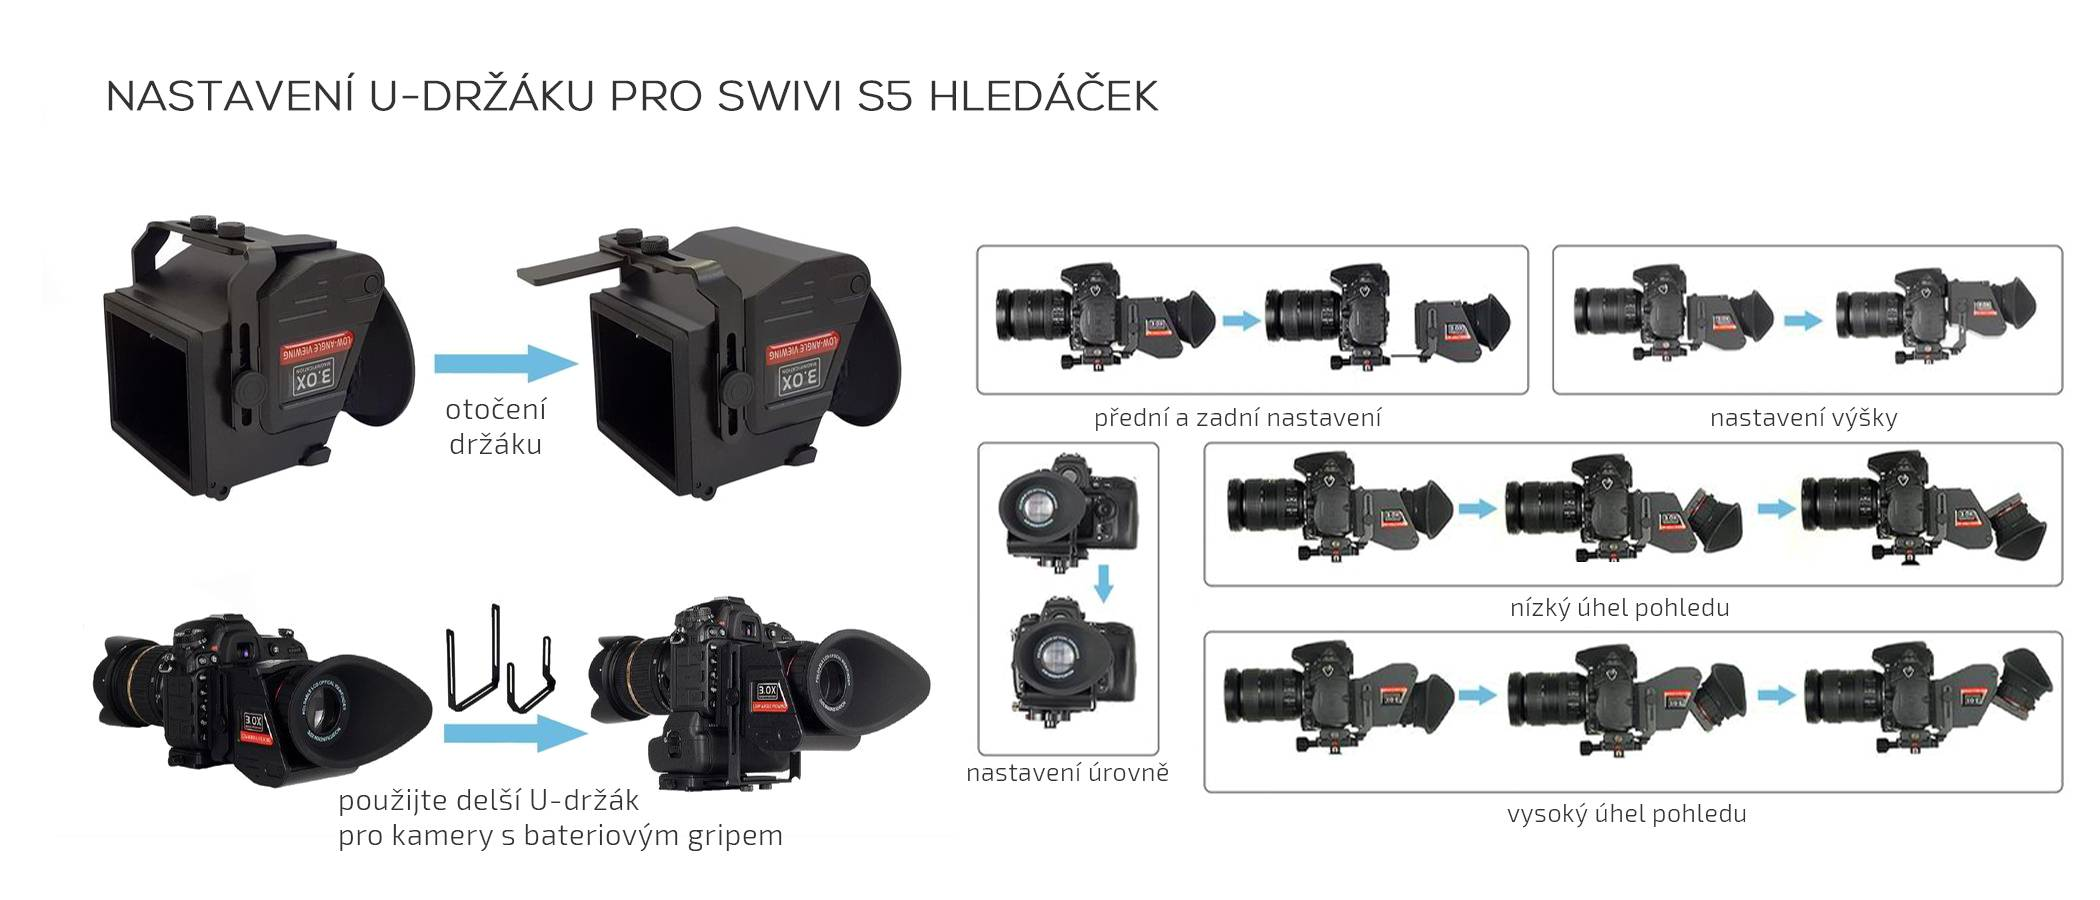 film-technika-ggasfoto-swivi-s5-hledáček-nastavení-2